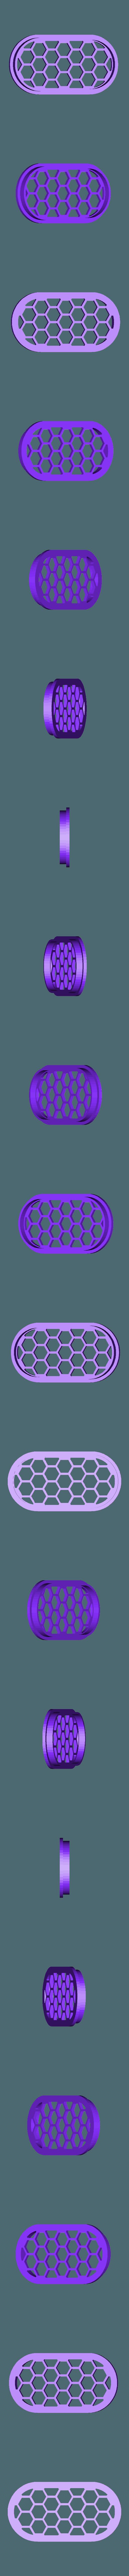 """vent_100x50_front.stl Télécharger fichier STL gratuit Grille de ventilation 100x50mm (4x2"""") • Objet imprimable en 3D, peaberry"""